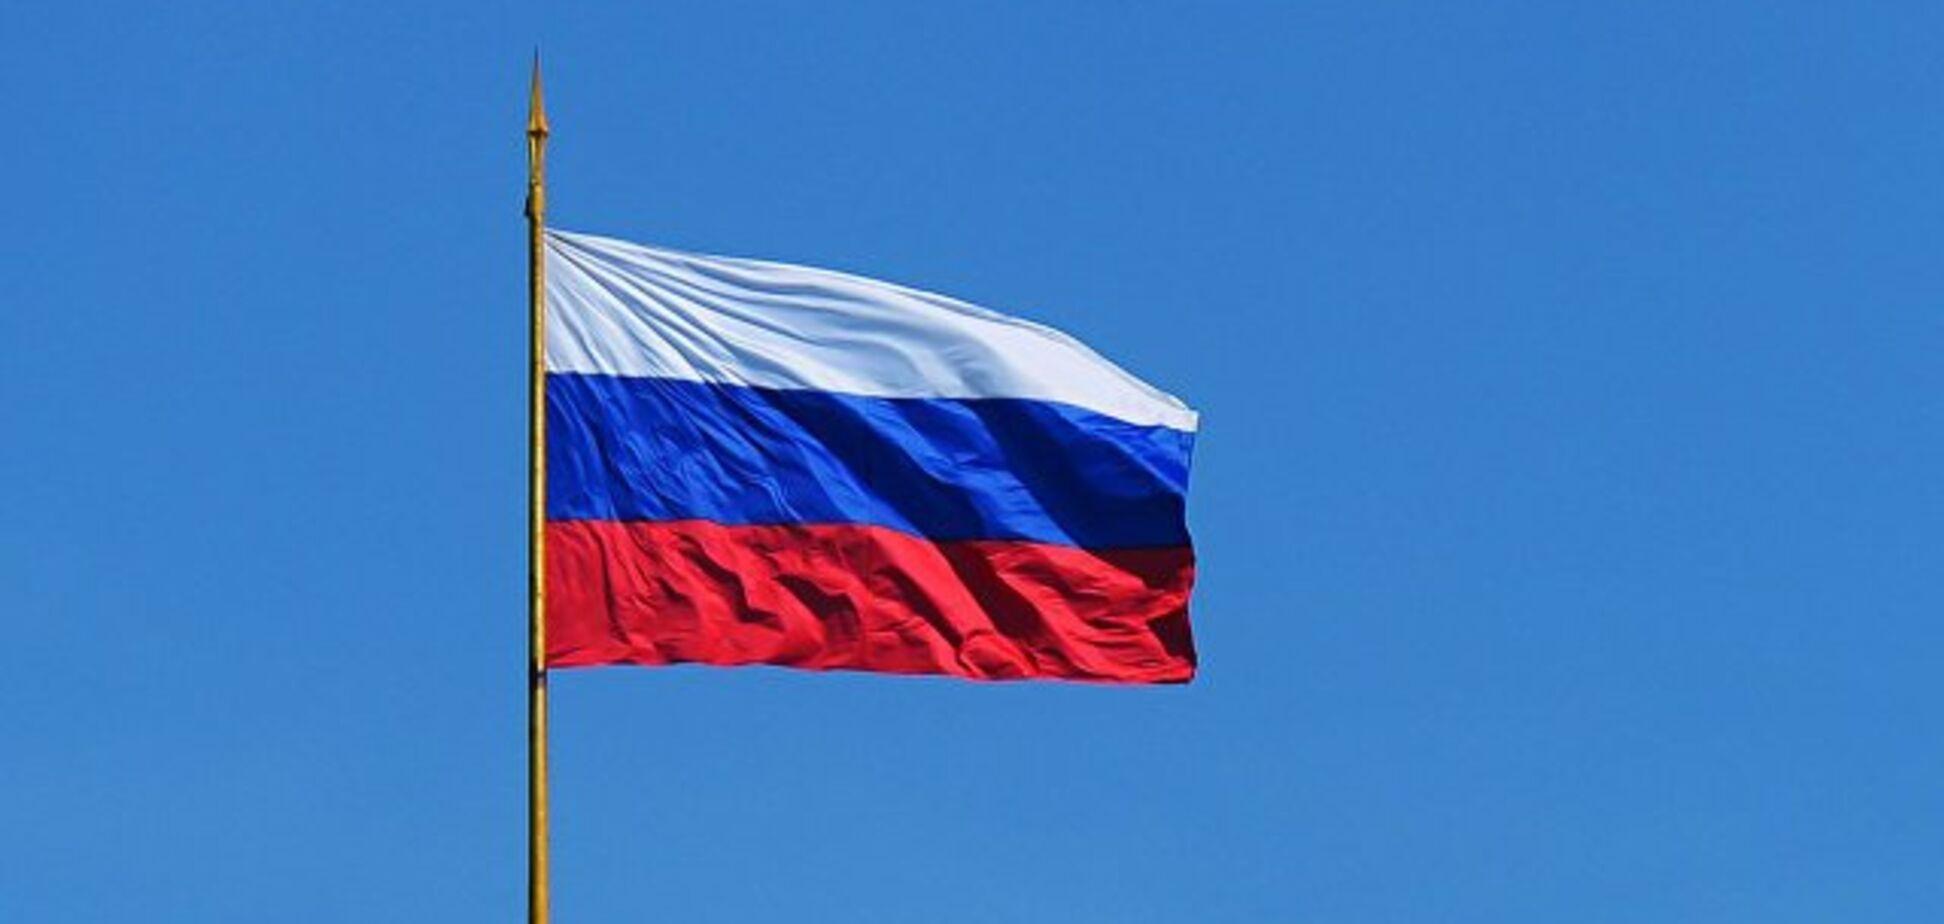 Ждет катастрофа и развал: генерал дал печальный для России прогноз